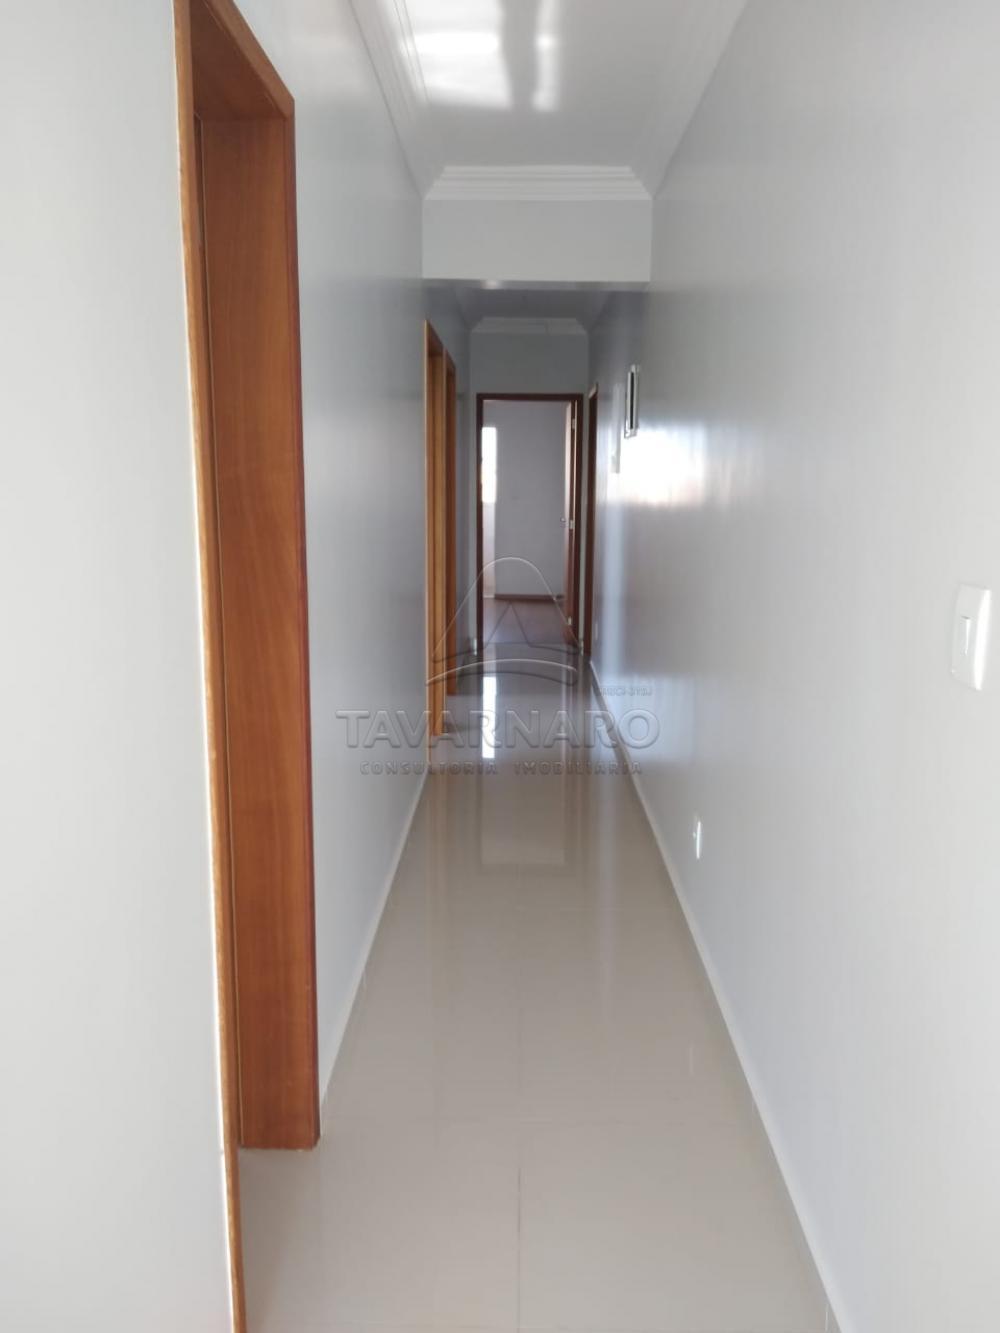 Comprar Apartamento / Padrão em Ponta Grossa apenas R$ 412.000,00 - Foto 5